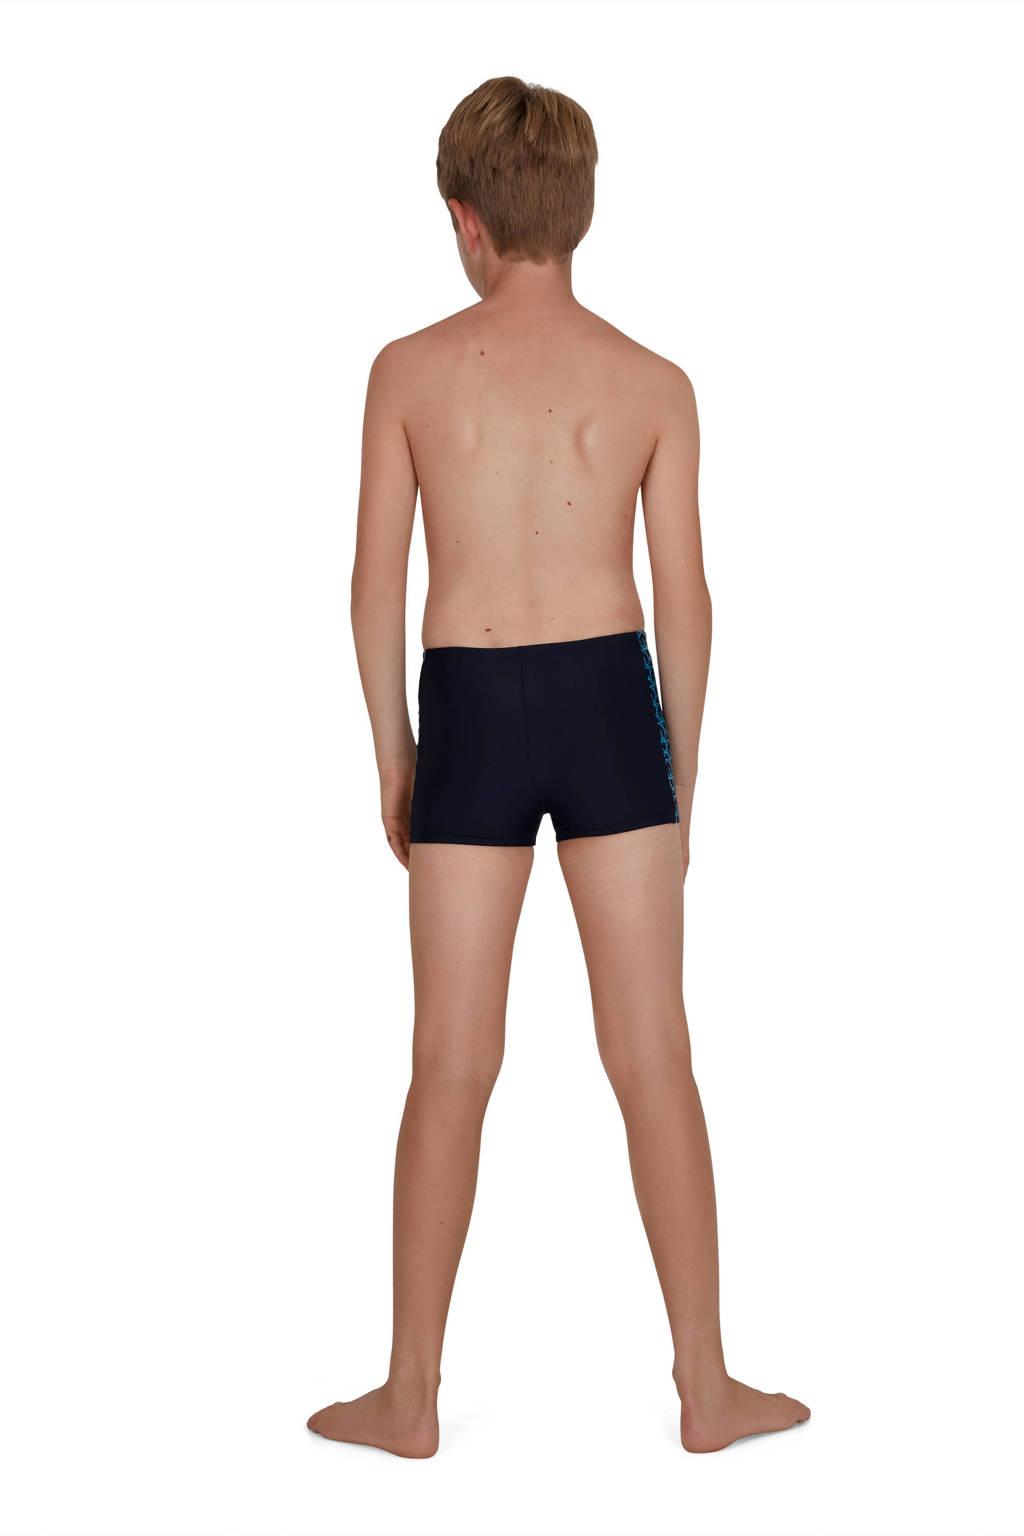 Speedo Endurance10 zwemboxer Boomstar Splice zwart, Marine